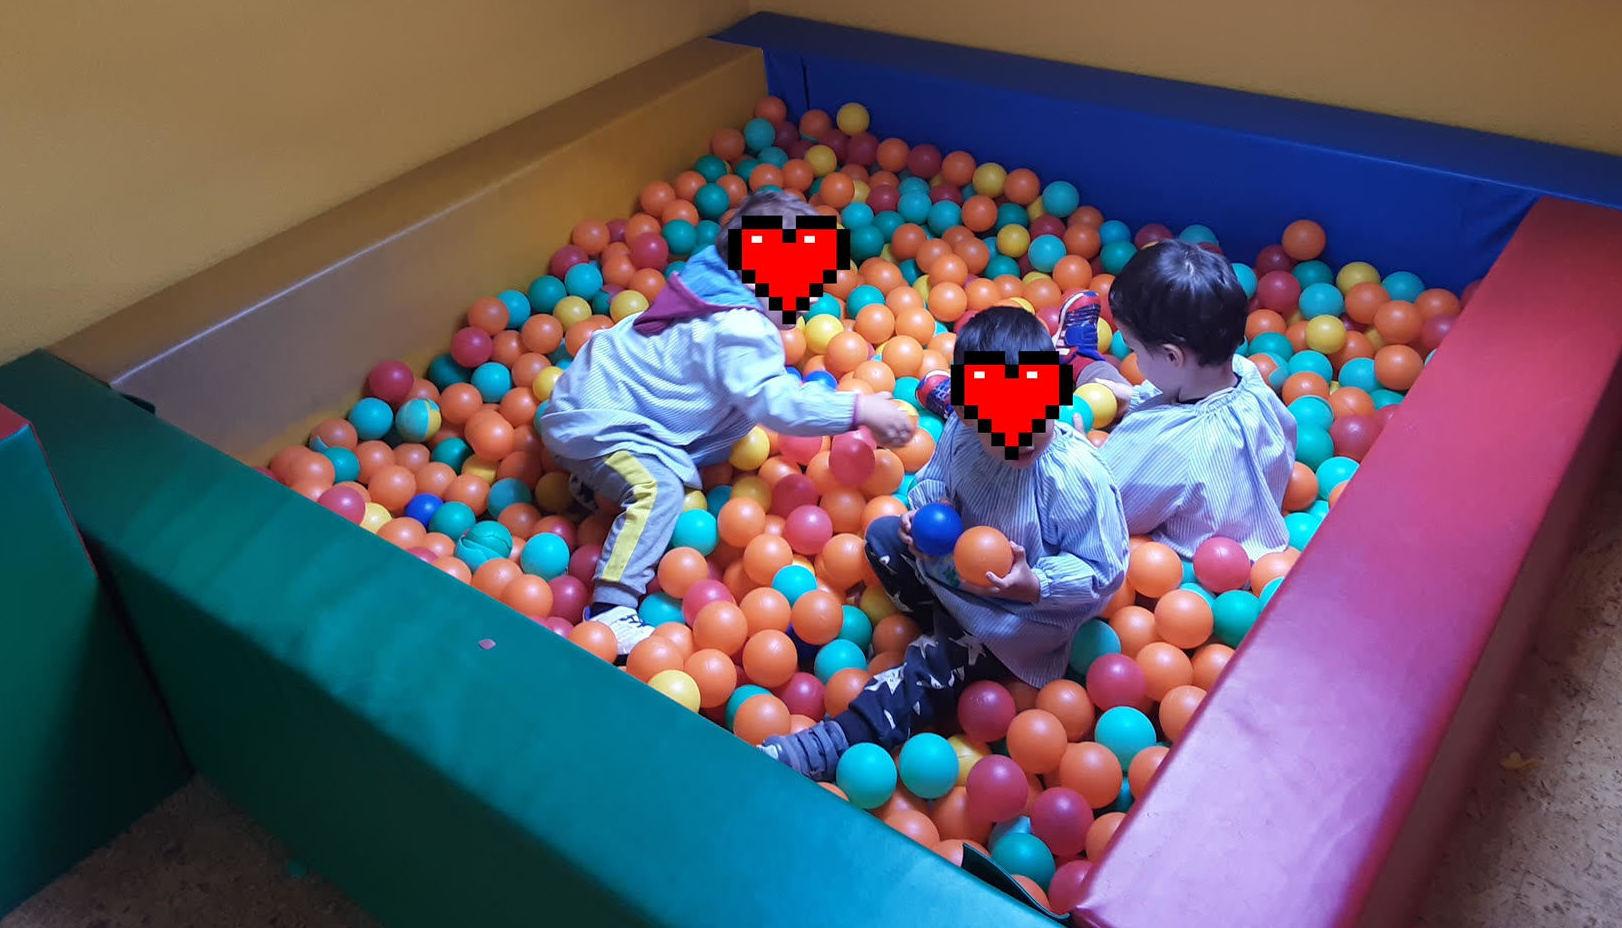 El juego en la piscina de bolas, ayuda al equilibrio emocional de los peques